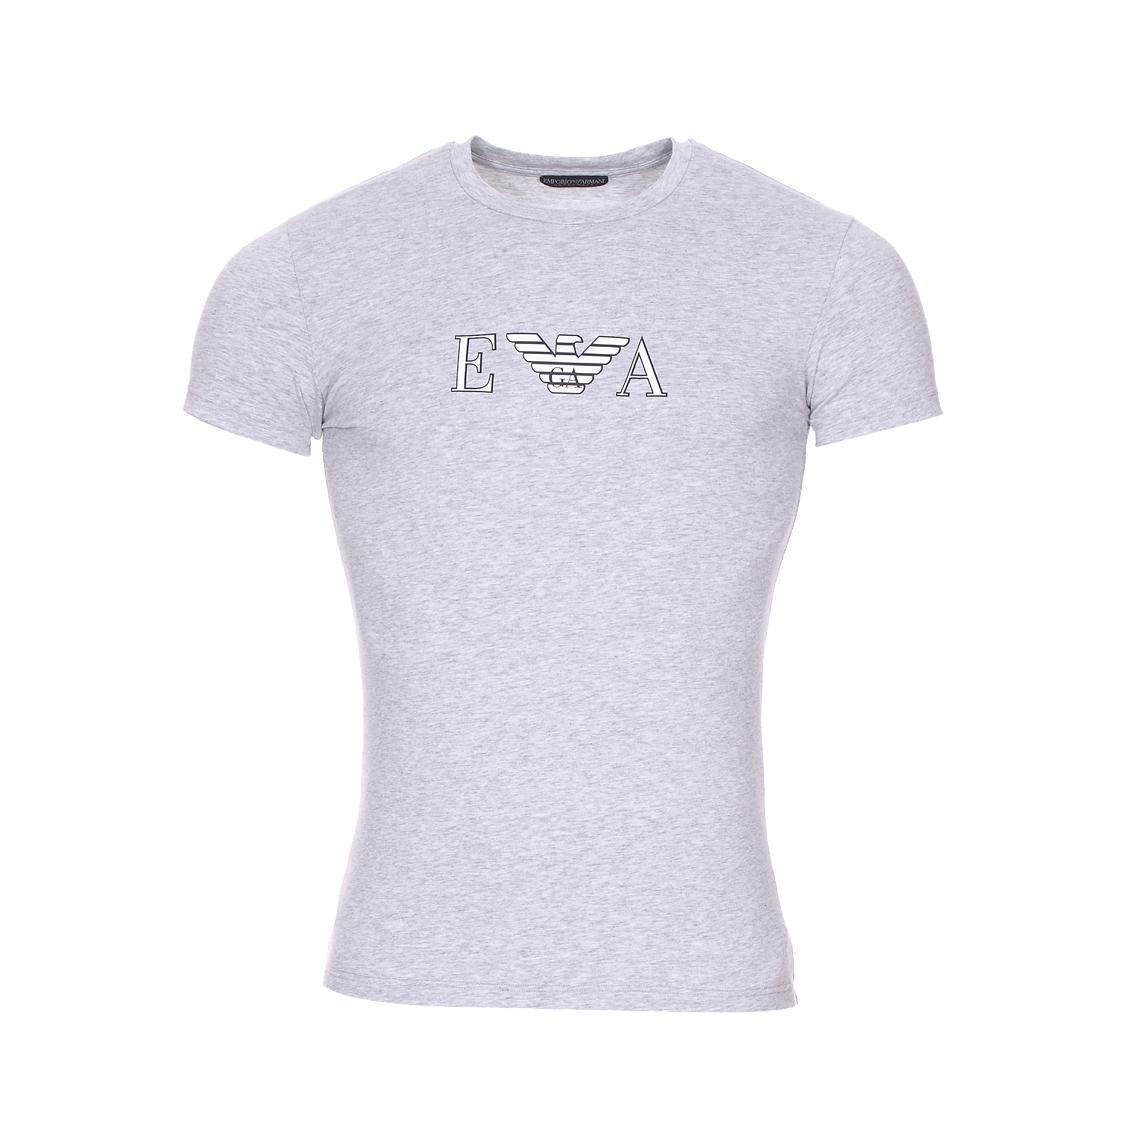 Tee-shirt col rond  en coton stretch gris chiné floqué en blanc et noir